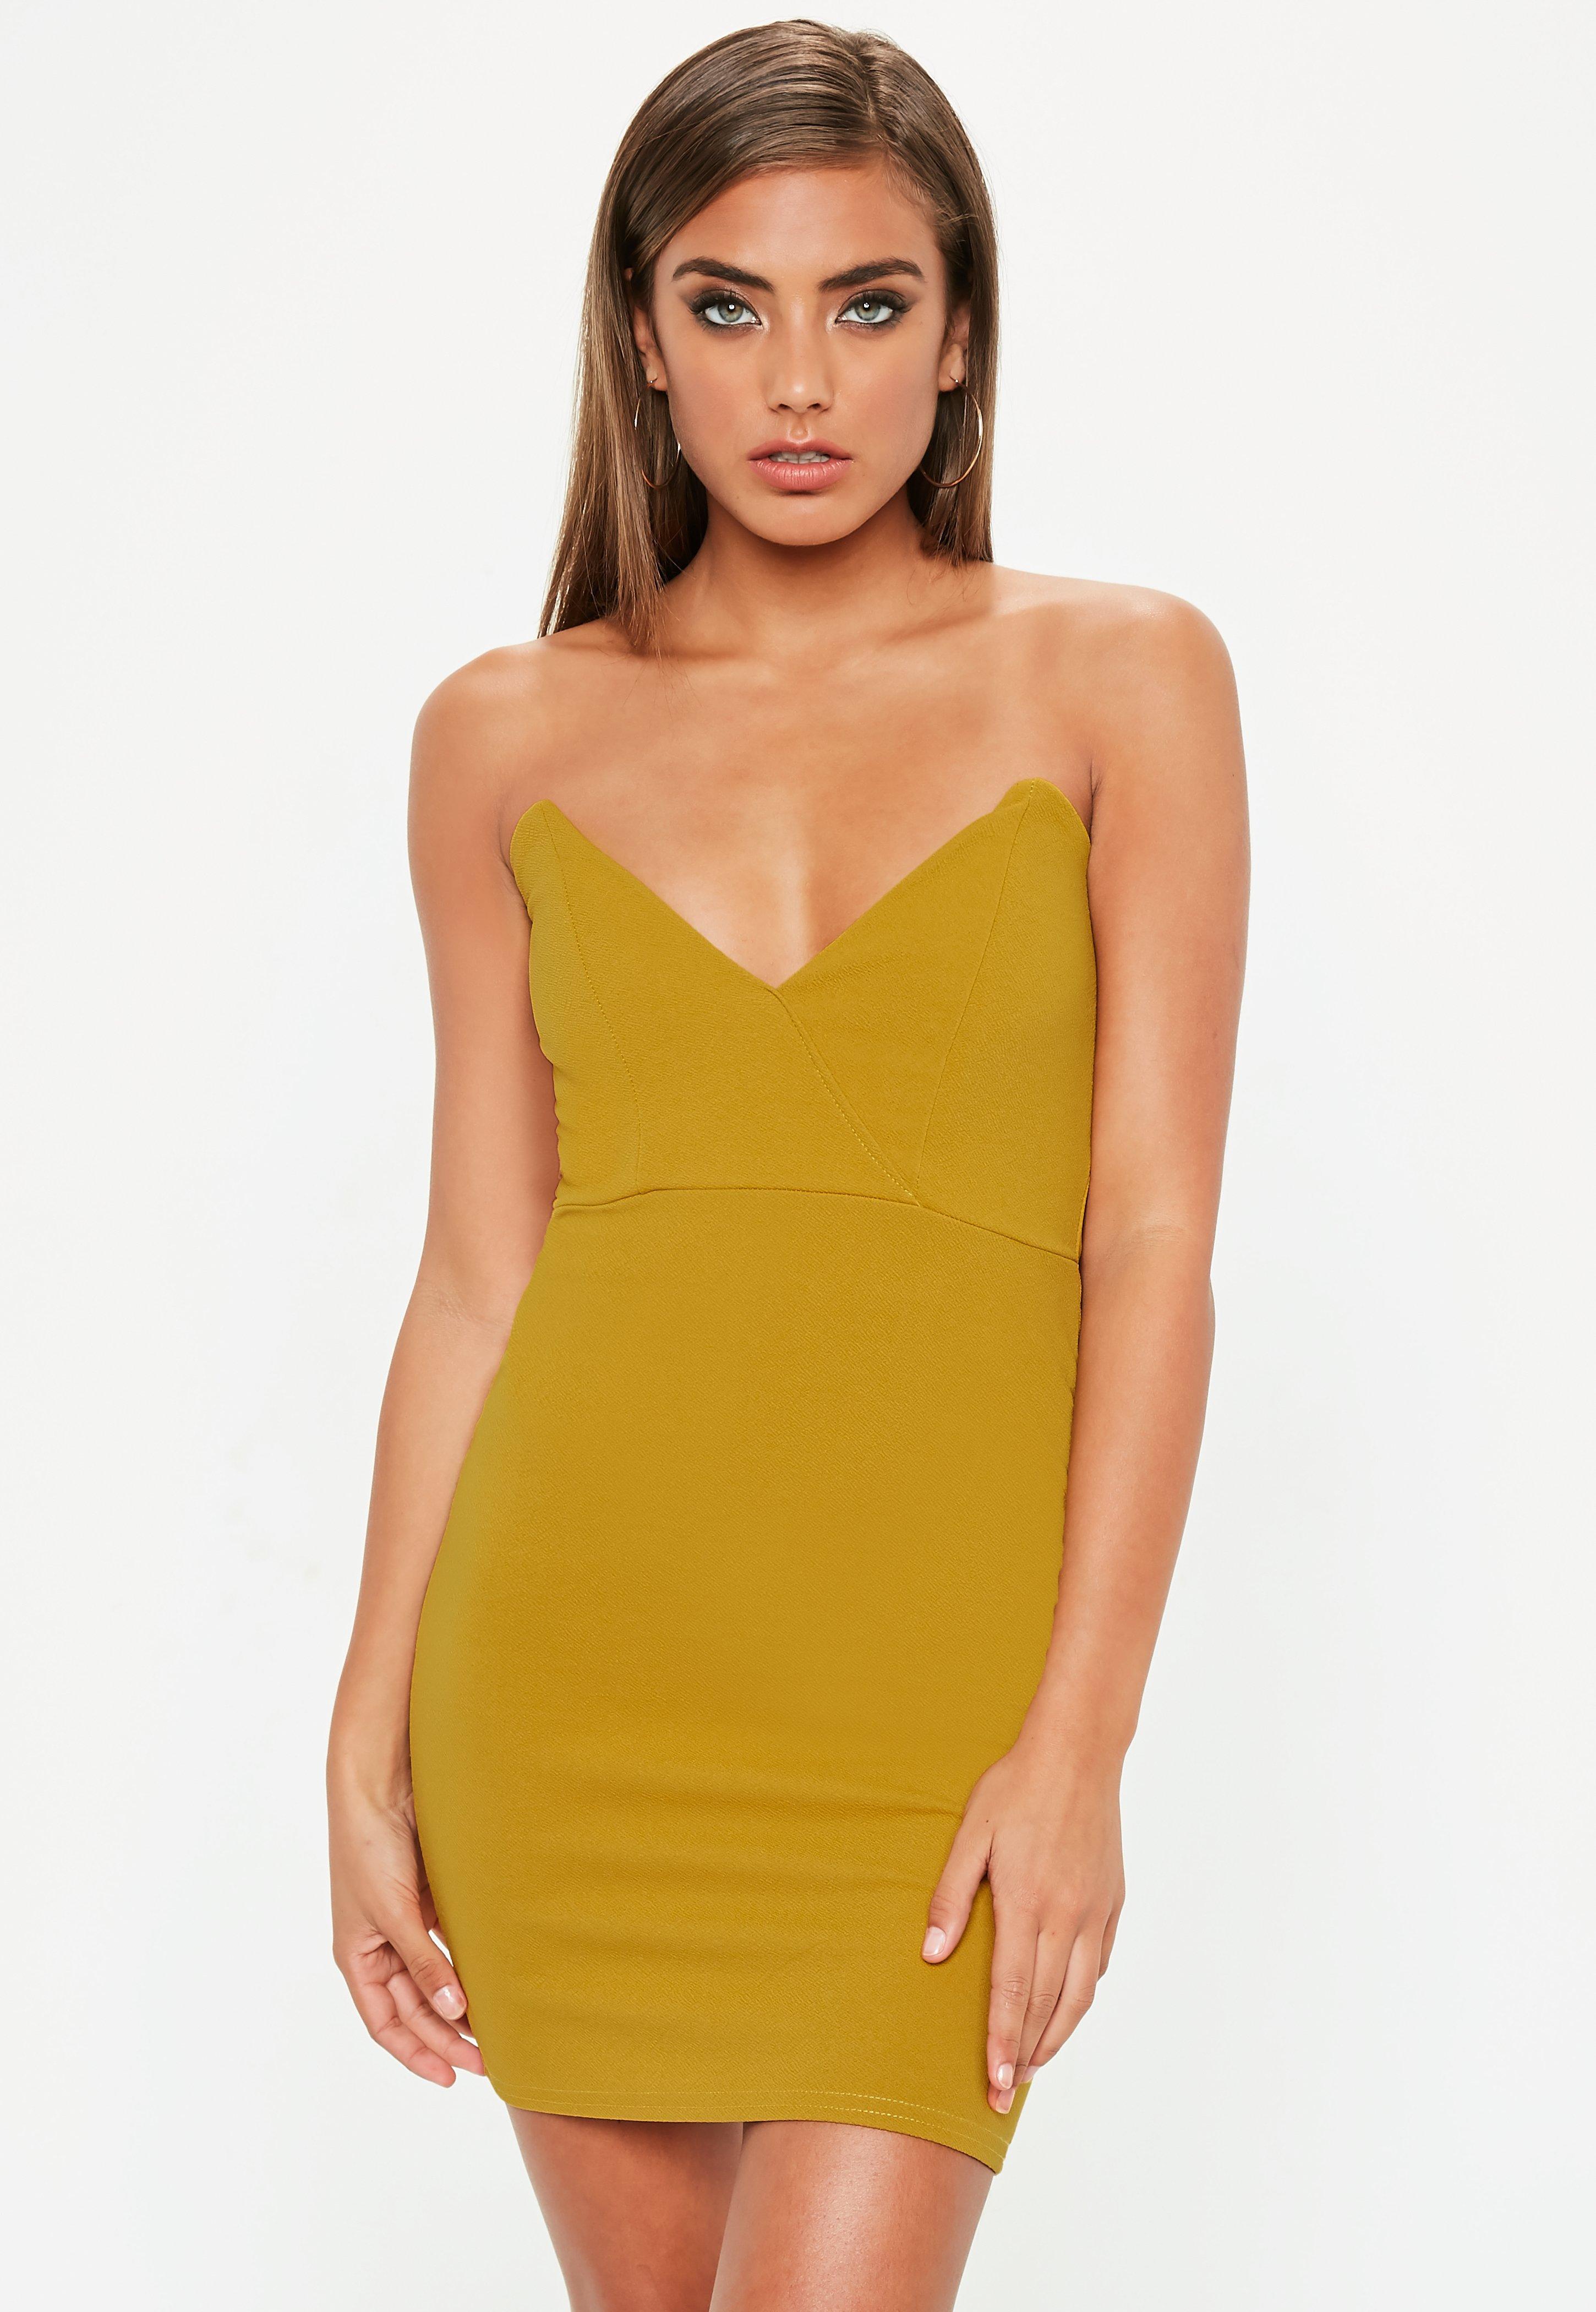 Bandeau-Kleid – Trägerlose Kleider online shoppen - Missguided DE